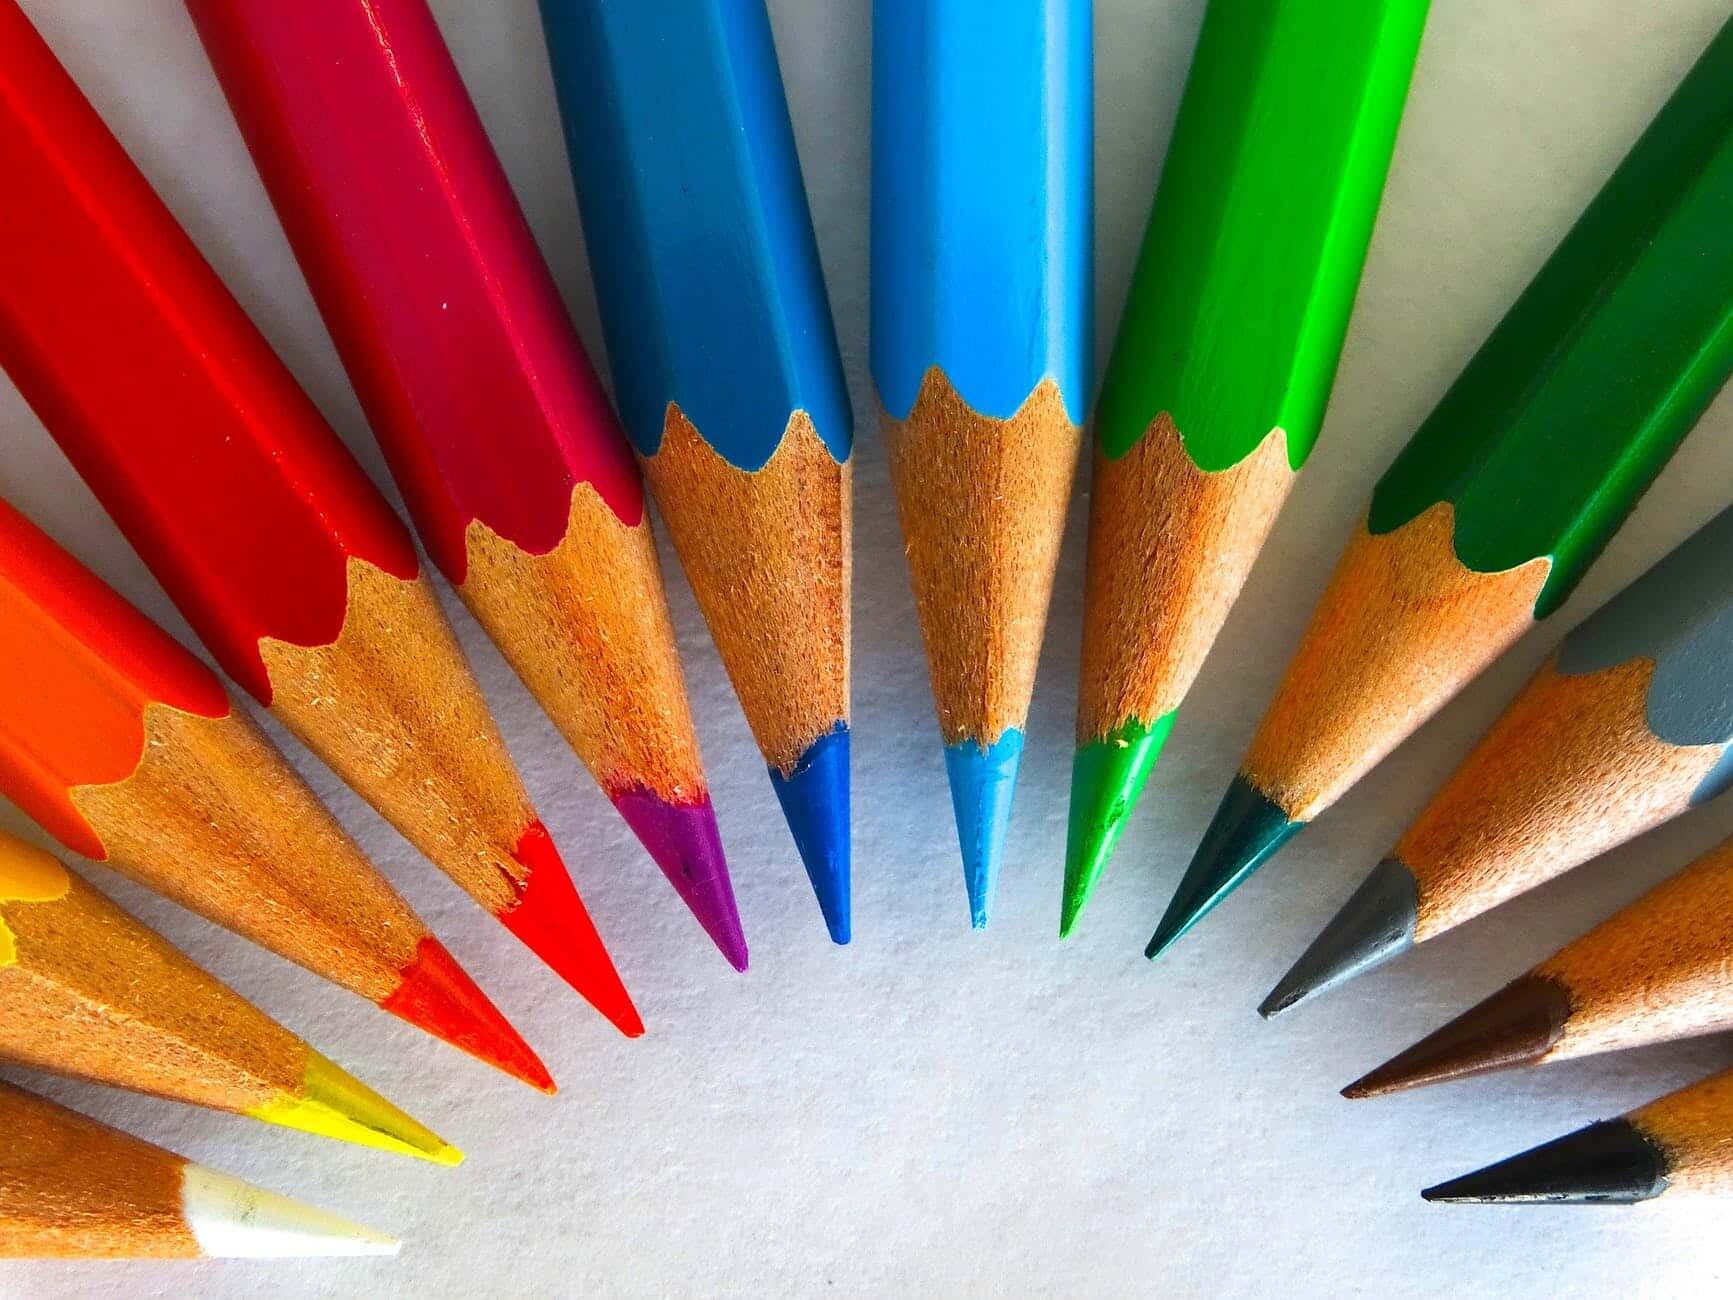 pens colorful color paint